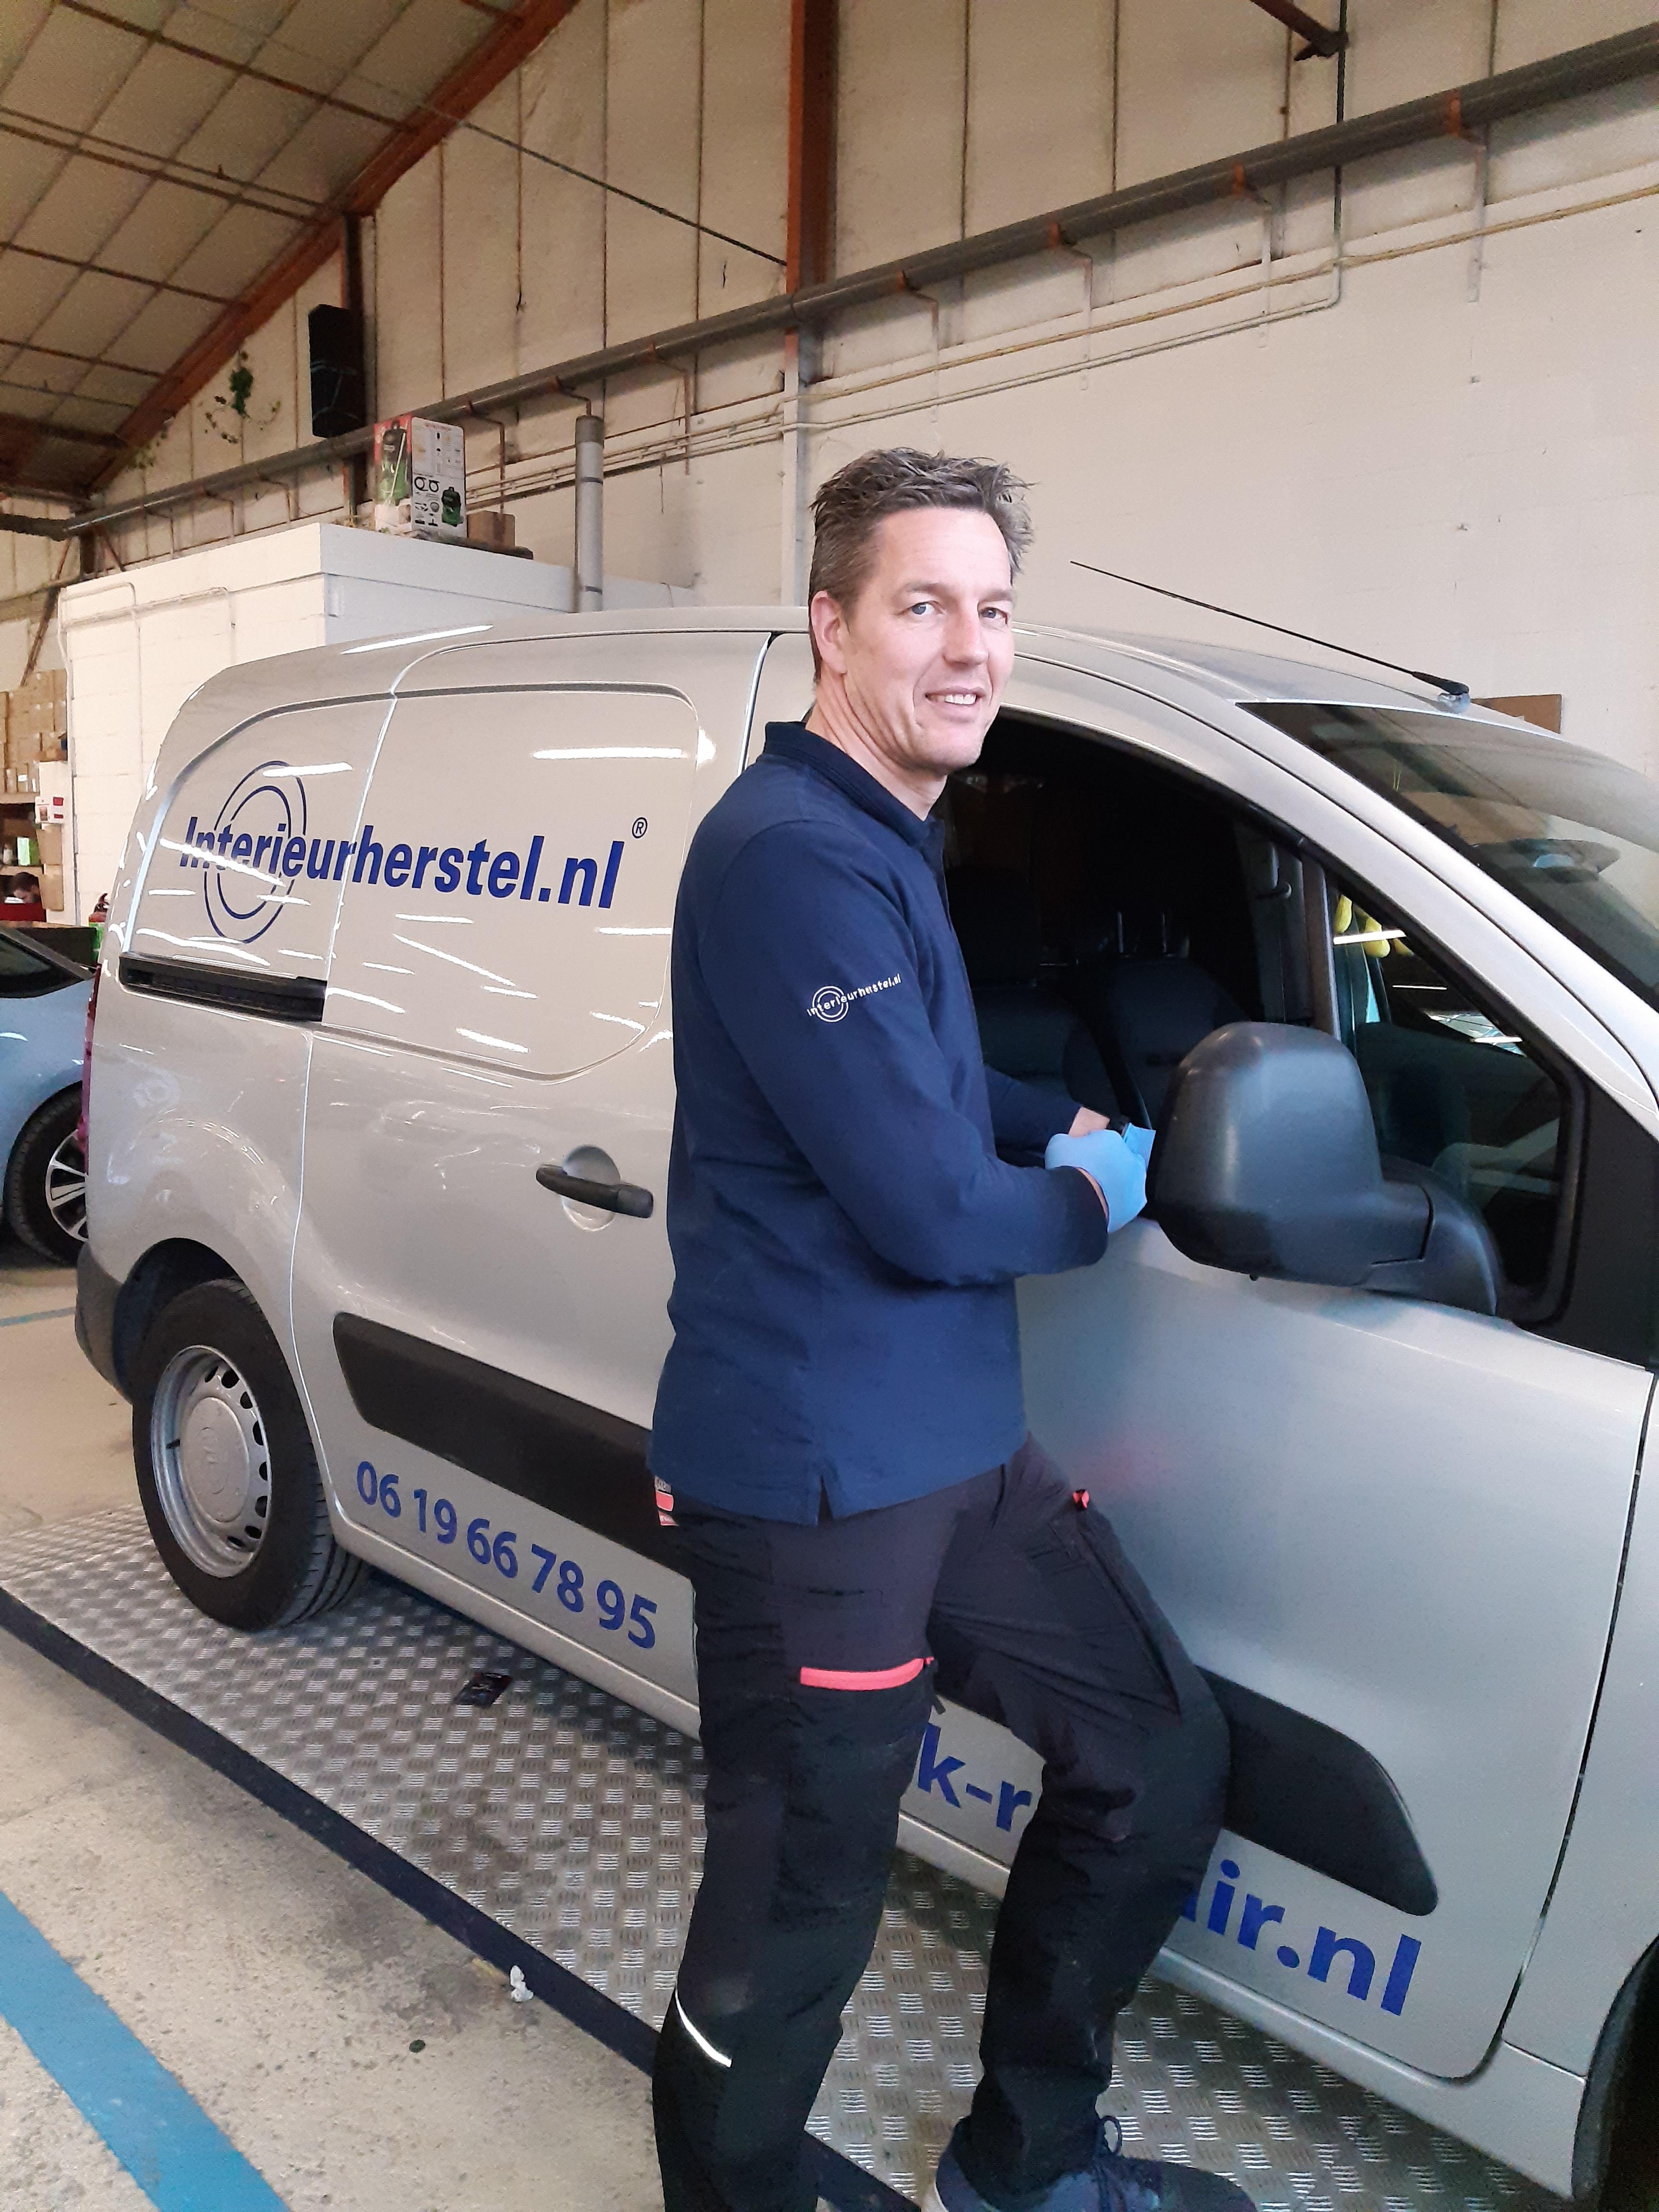 At work!  Auto Interieurherstel.nl krimpenerwaard